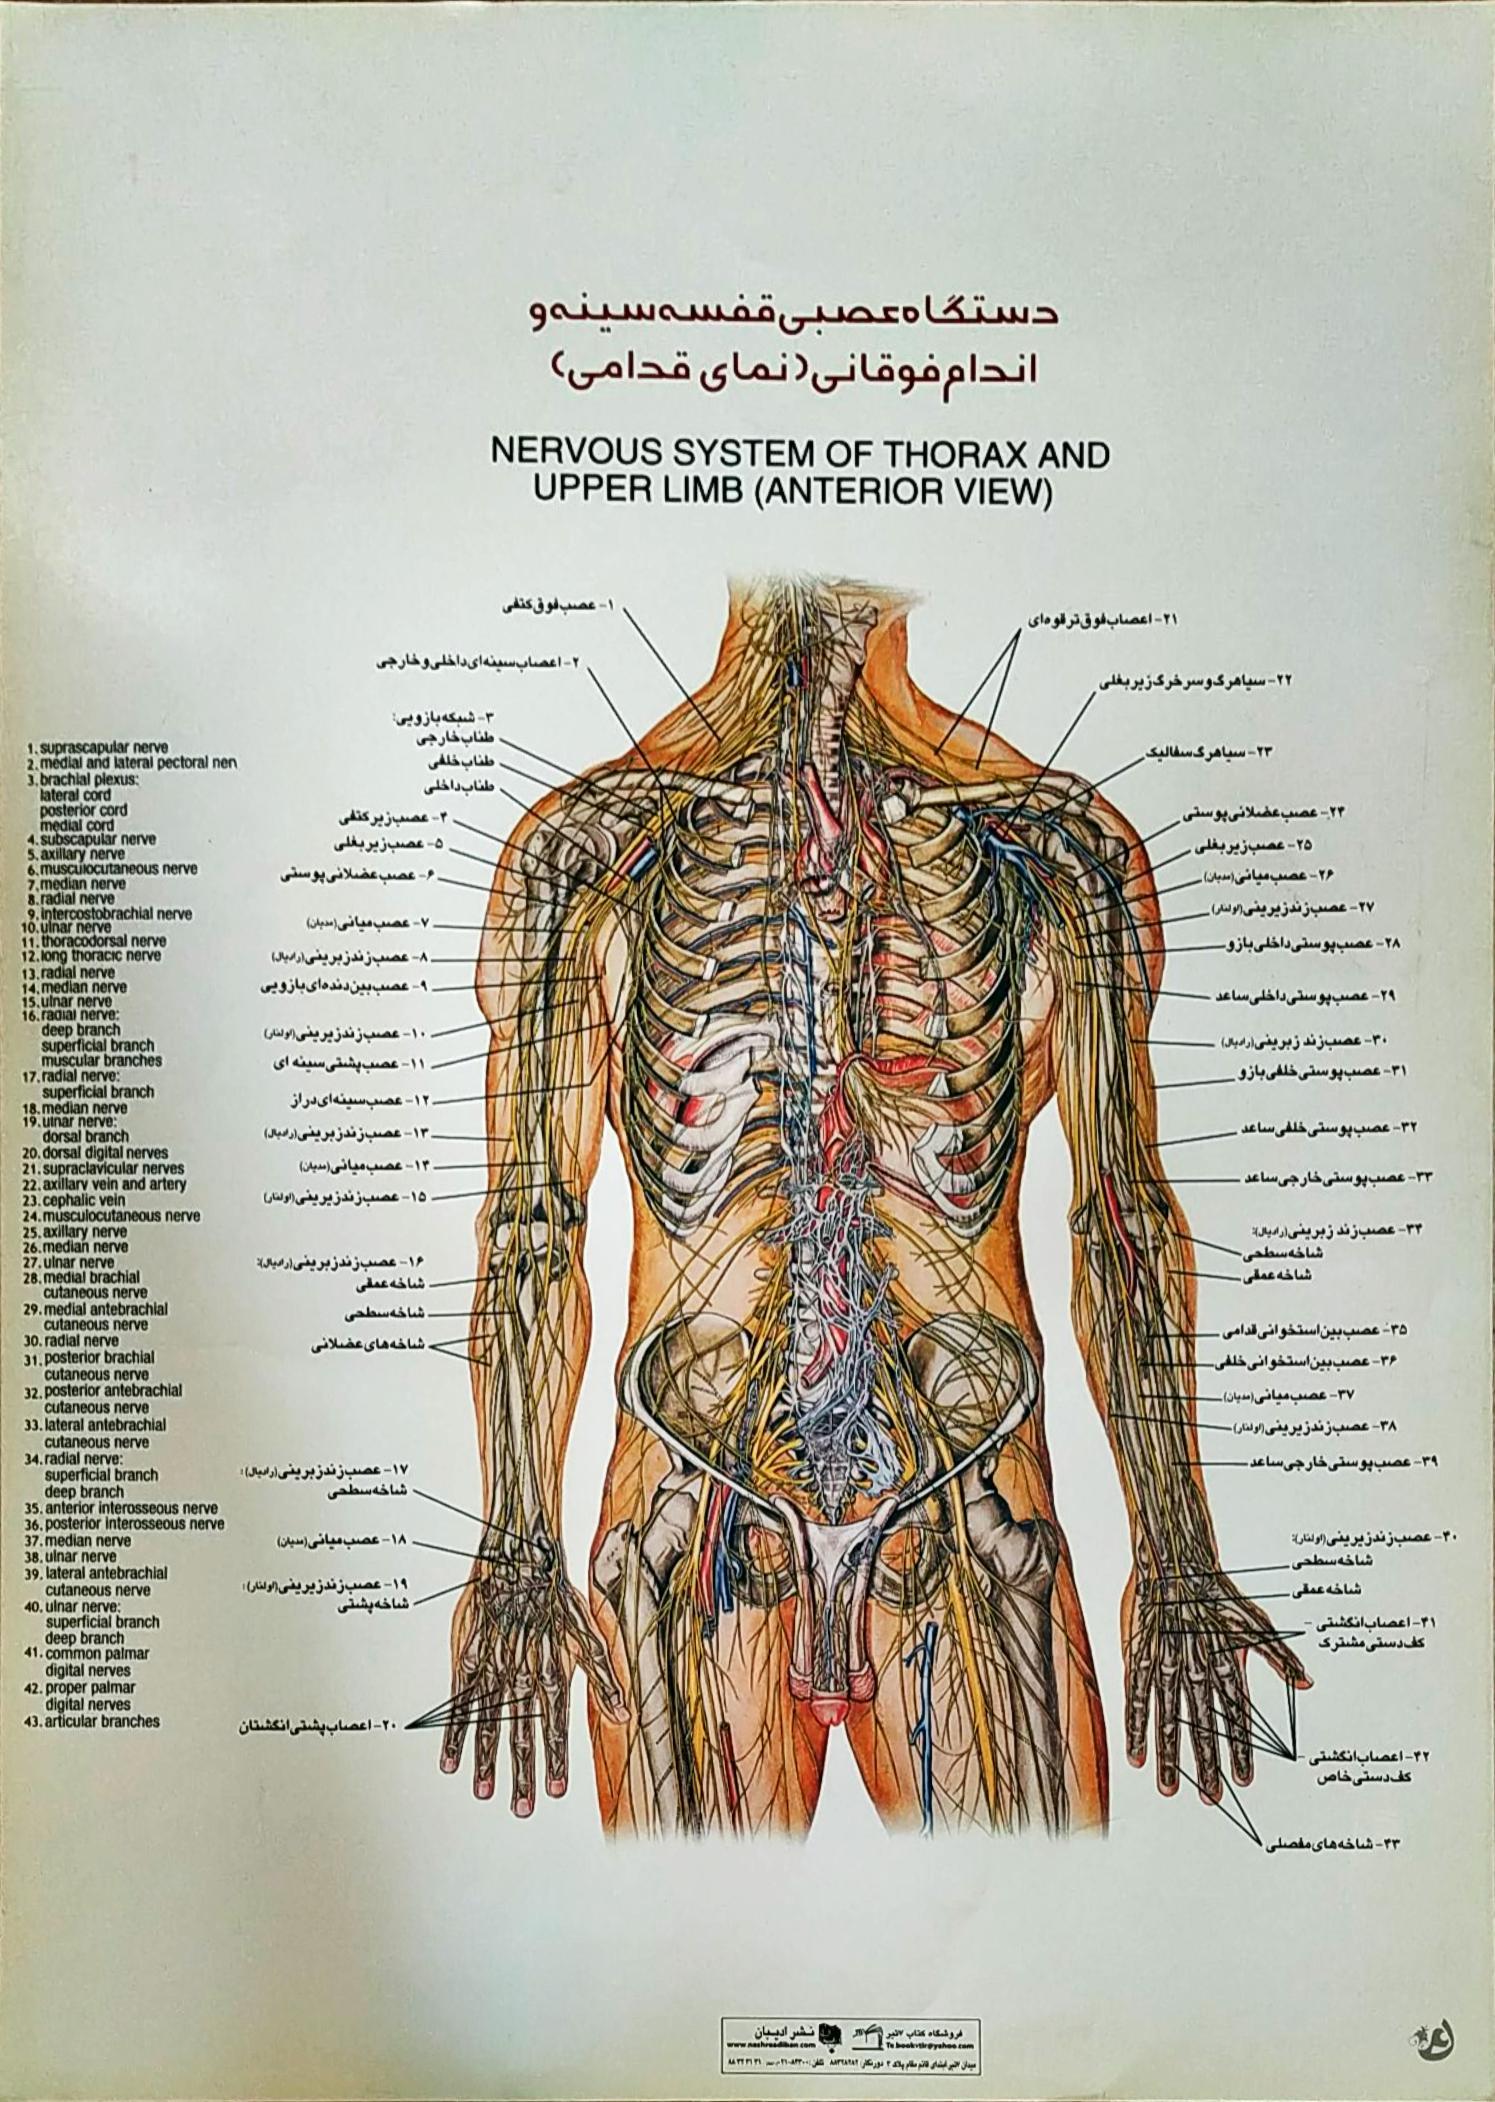 پوستر دستگاه عصبی قفسه سینه و اندام فوقانی